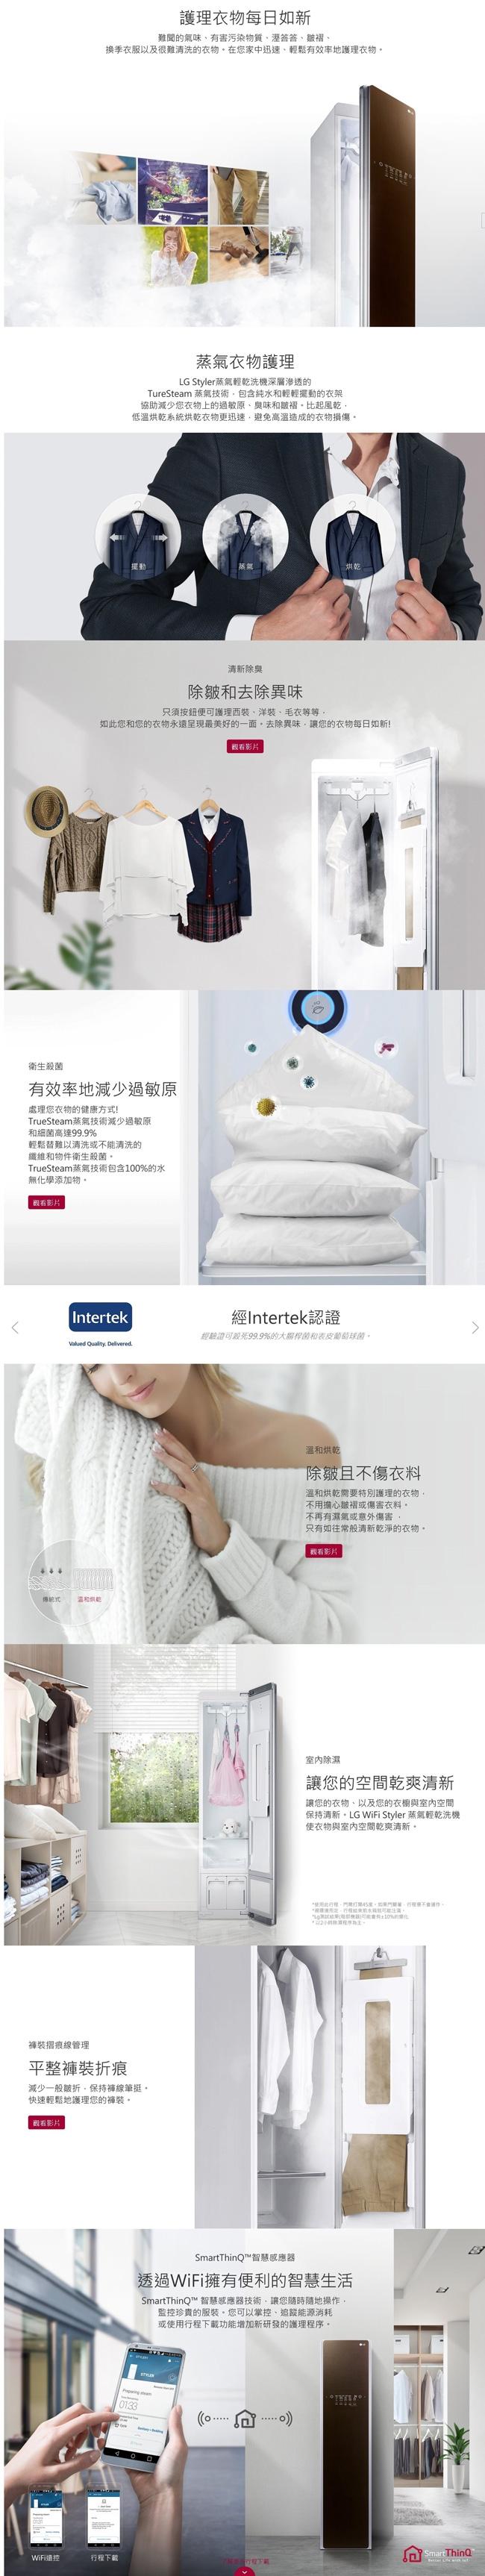 [客訂商品] LG樂金WiFi Styler 蒸氣輕乾洗機 智慧電子衣櫥 E523FR